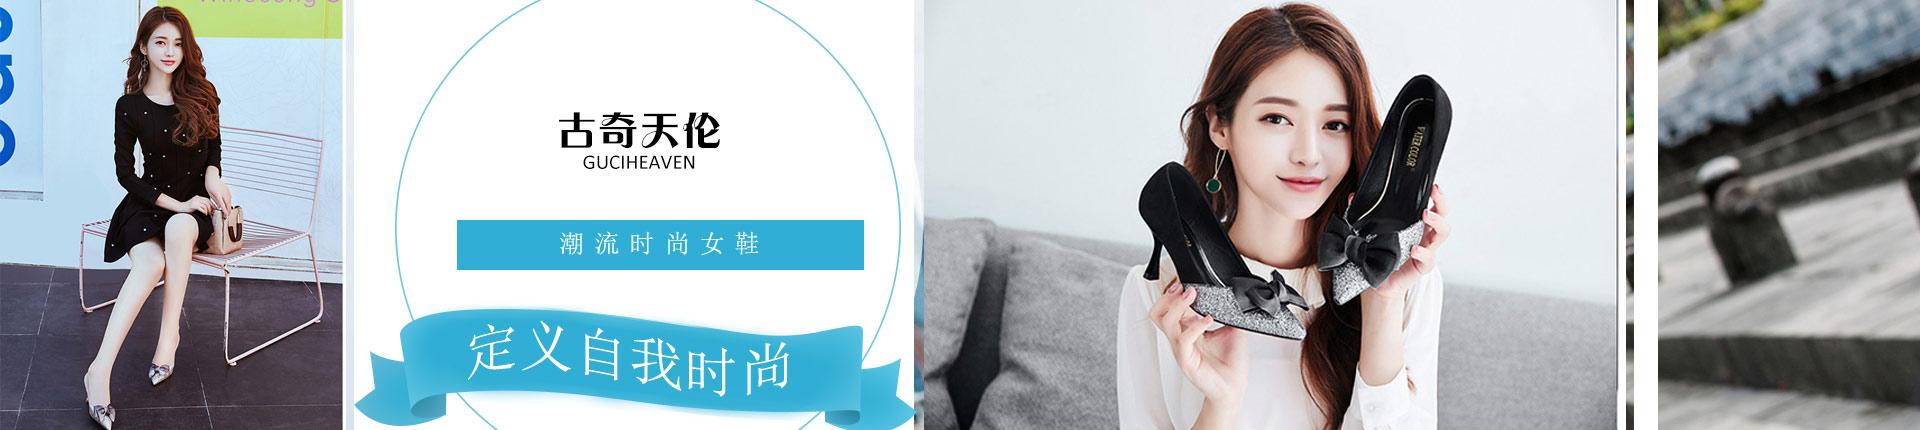 古奇天伦官方网站